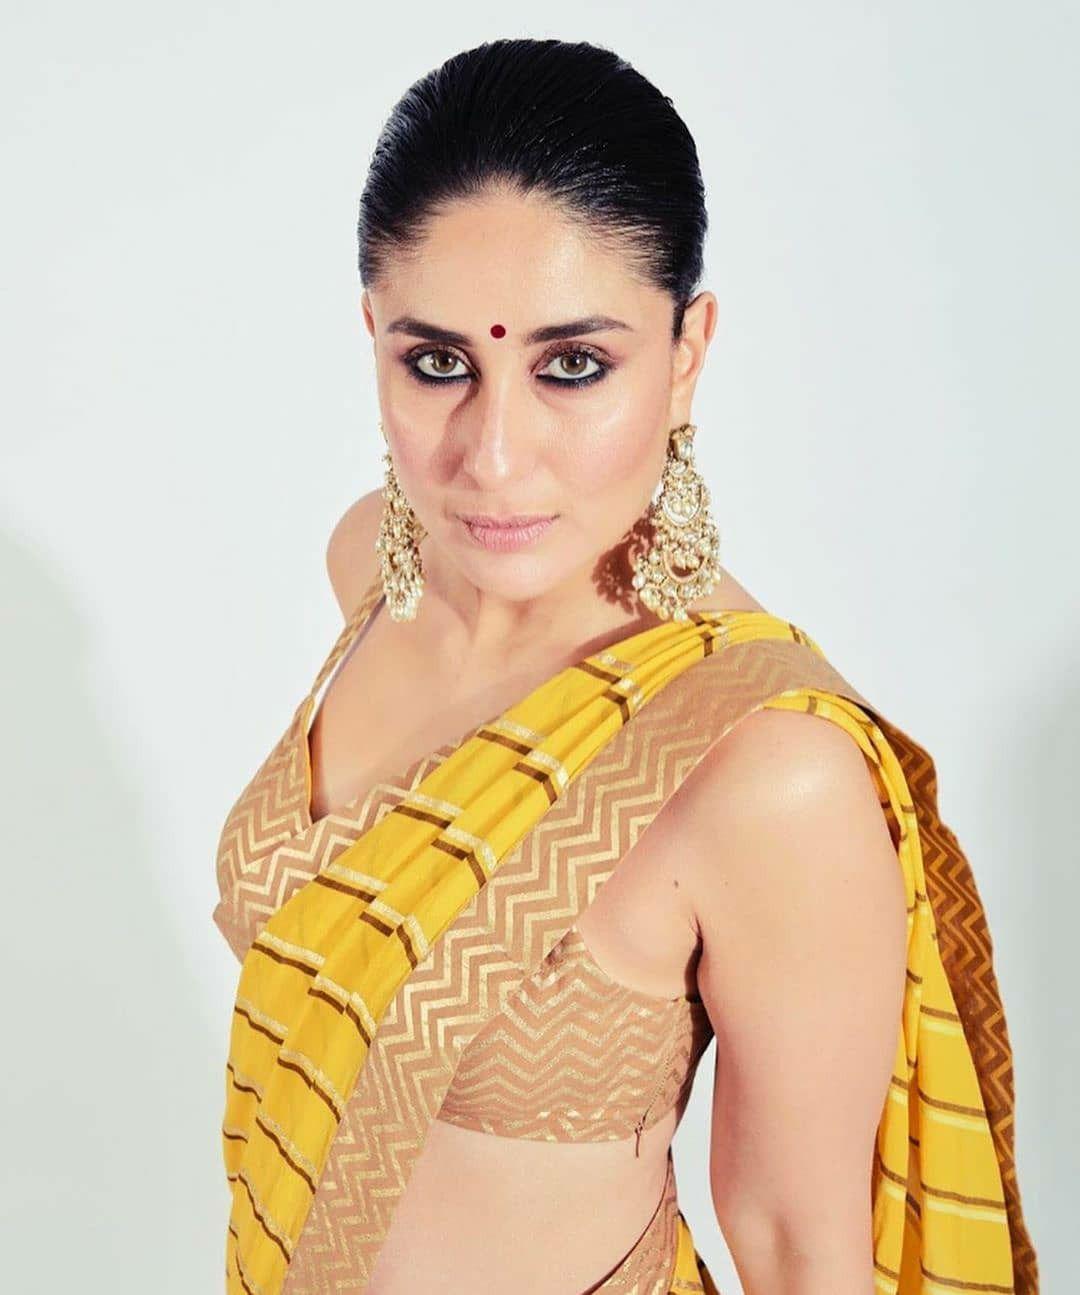 44+ Indian Actress Kareena Kapoor Biography